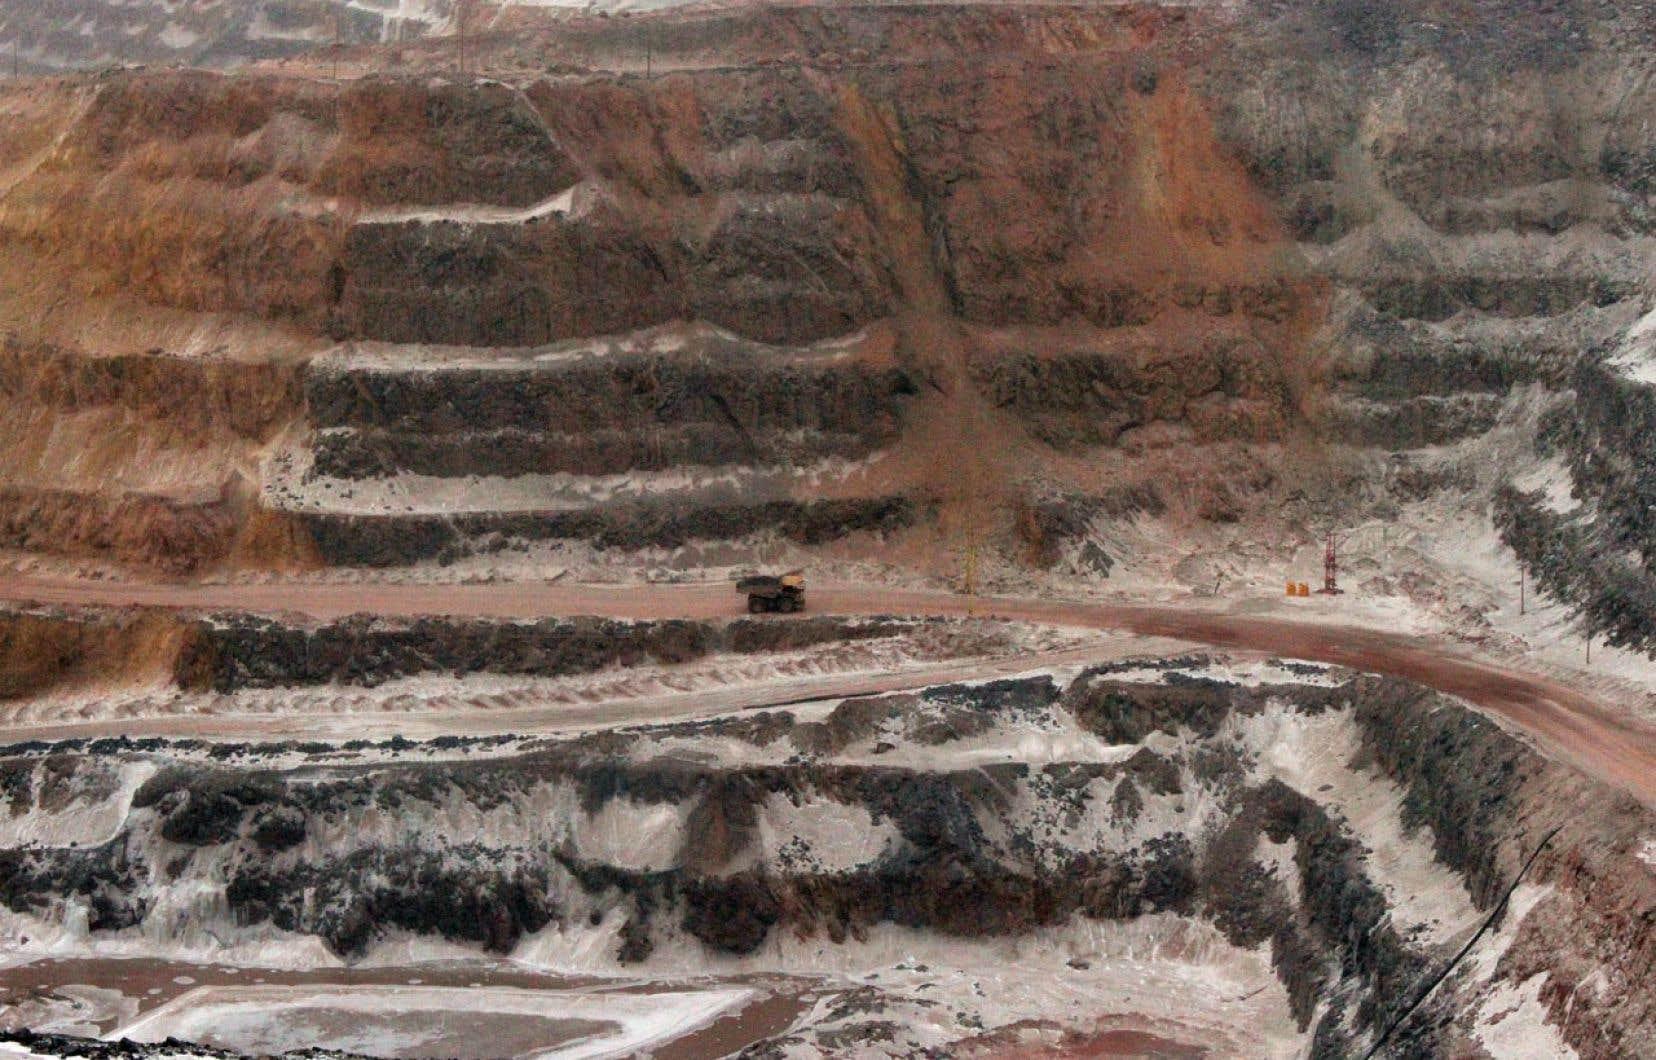 Nouvelle offensive juridique des innus contre iron ore - La nouvelle mine ...